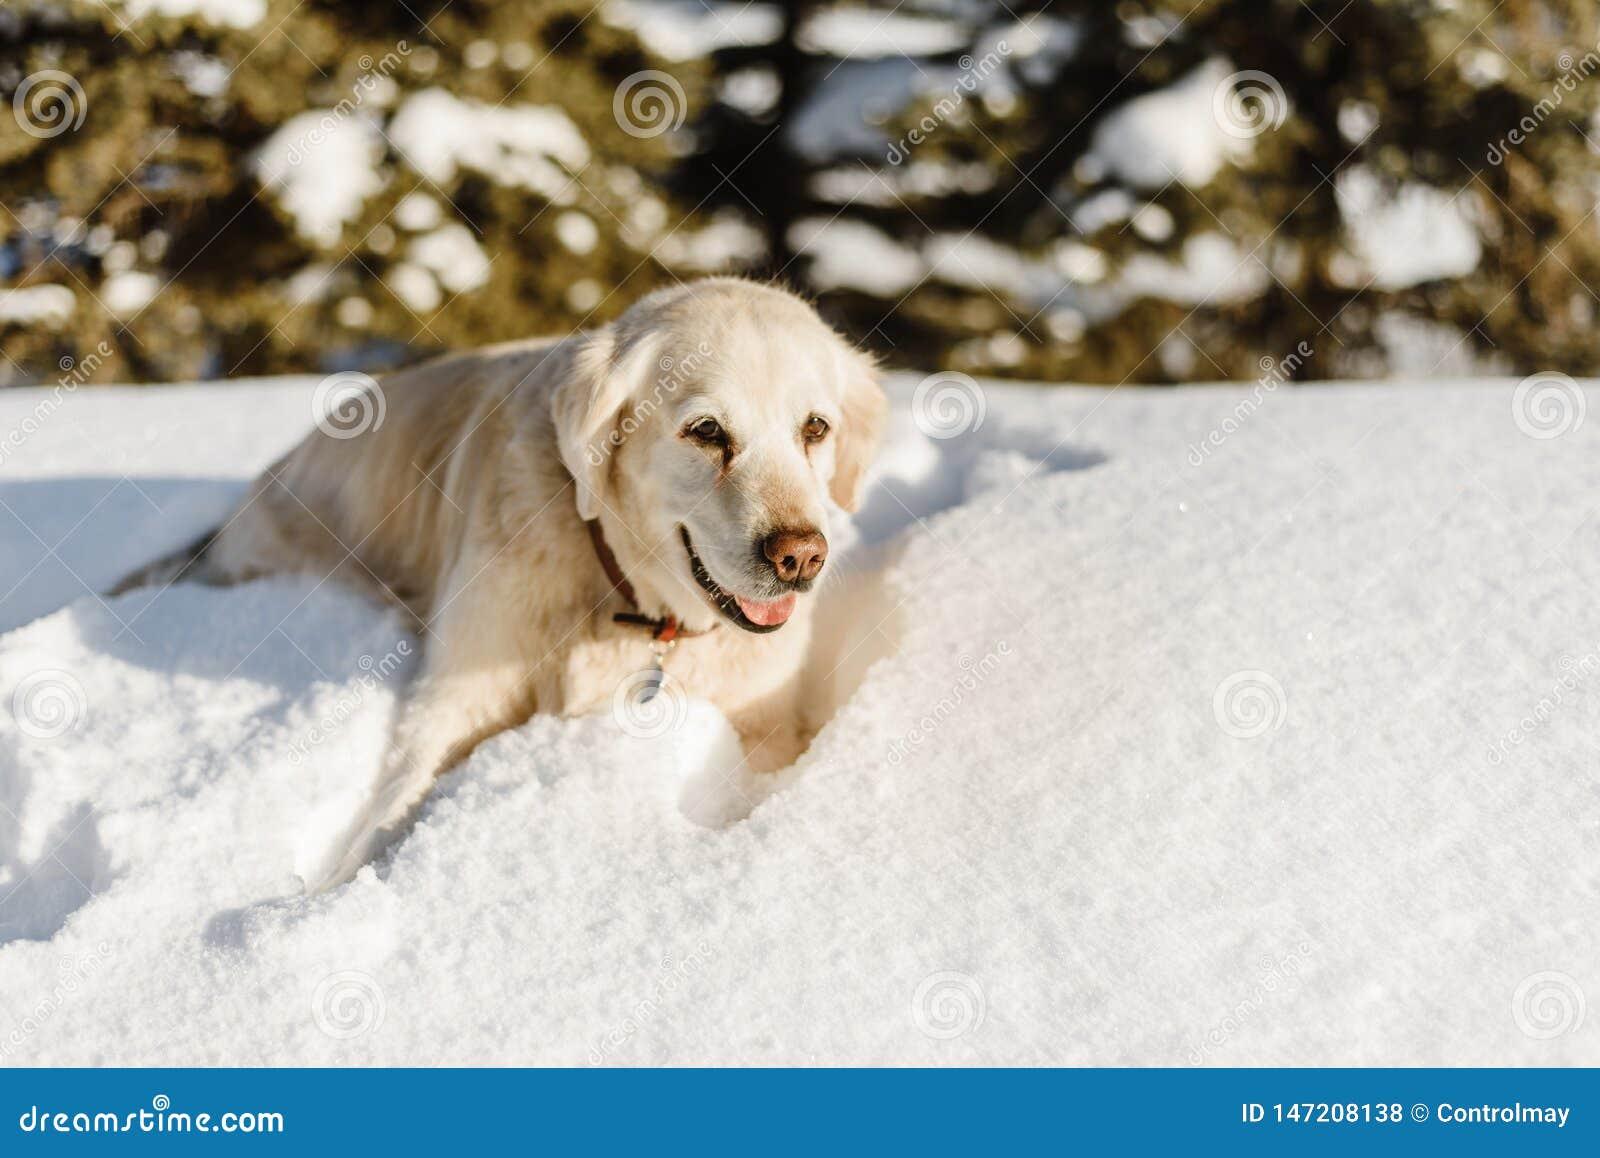 Labradora pies w ?niegu